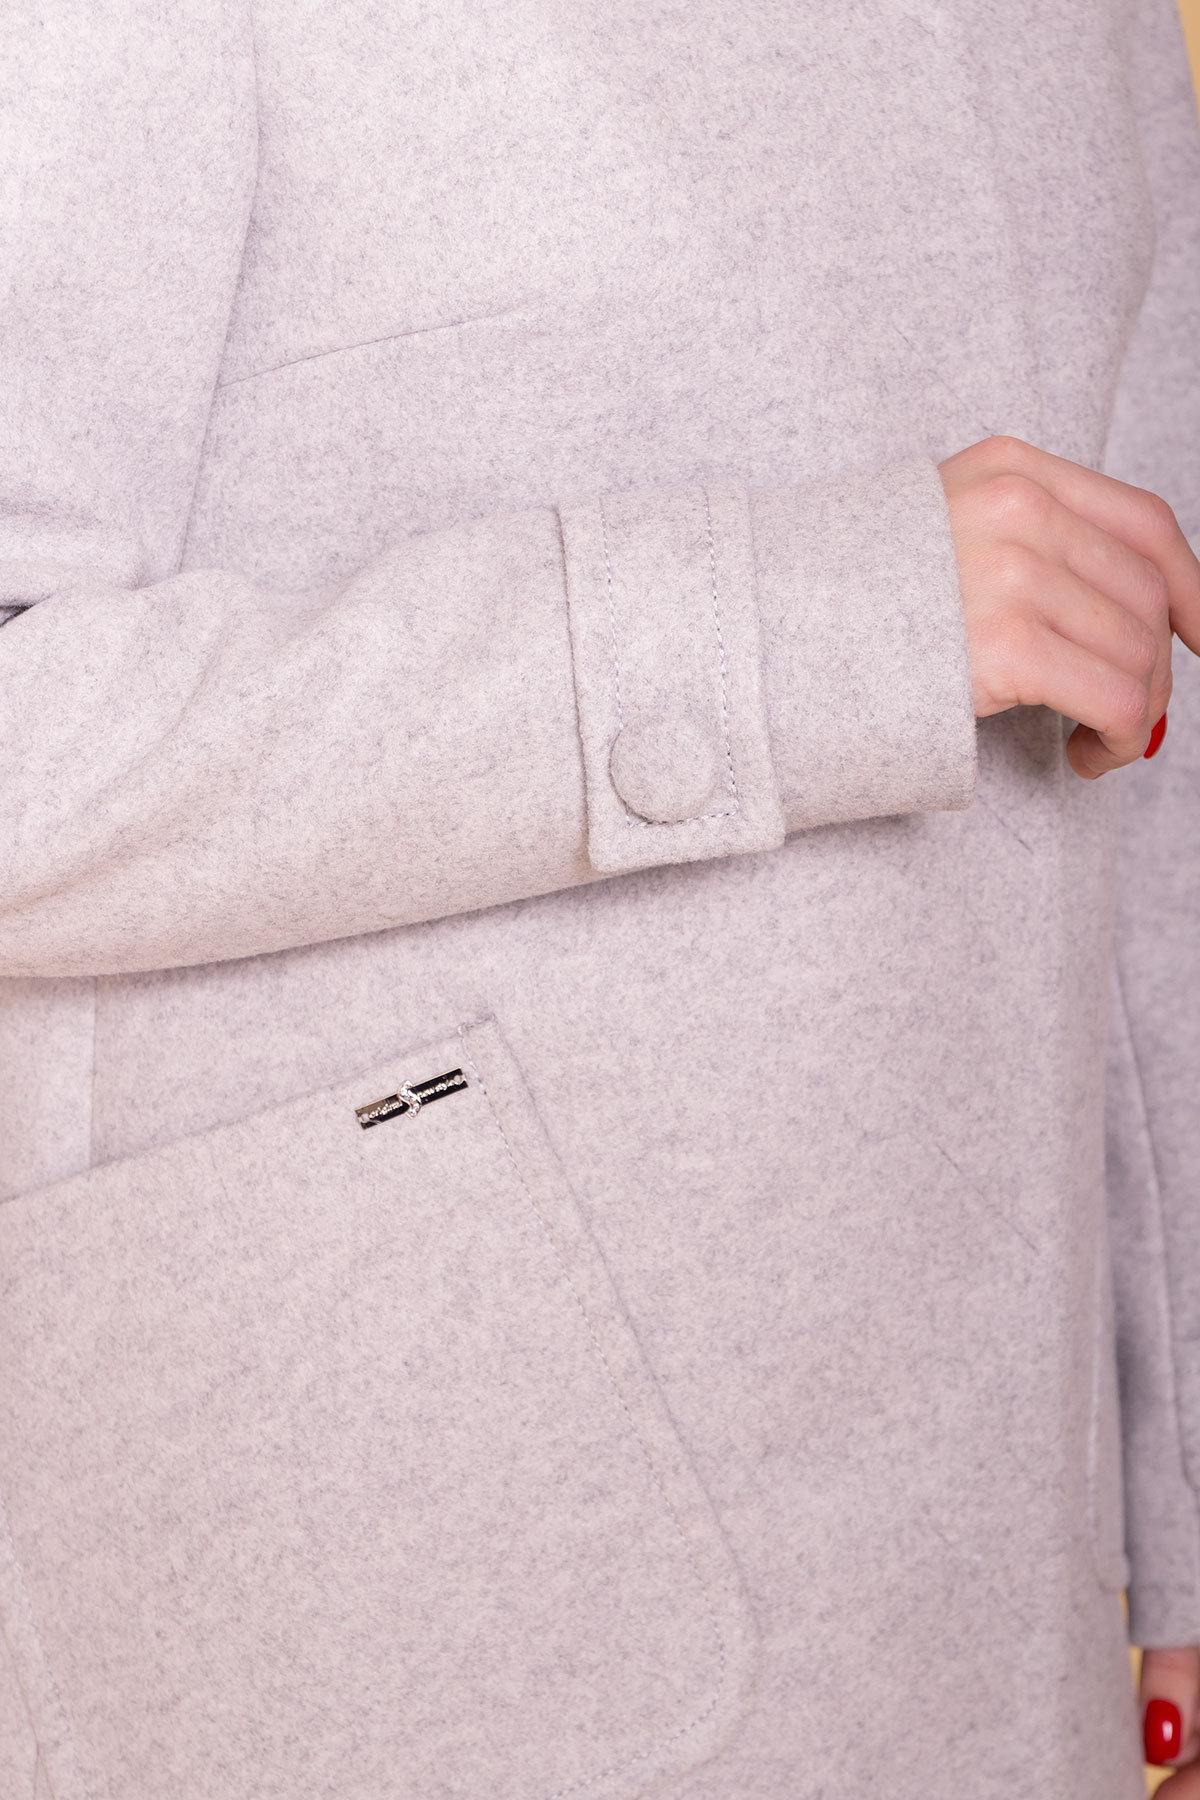 Пальто Латте 5637 АРТ. 41009 Цвет: Серый Светлый 27 - фото 5, интернет магазин tm-modus.ru